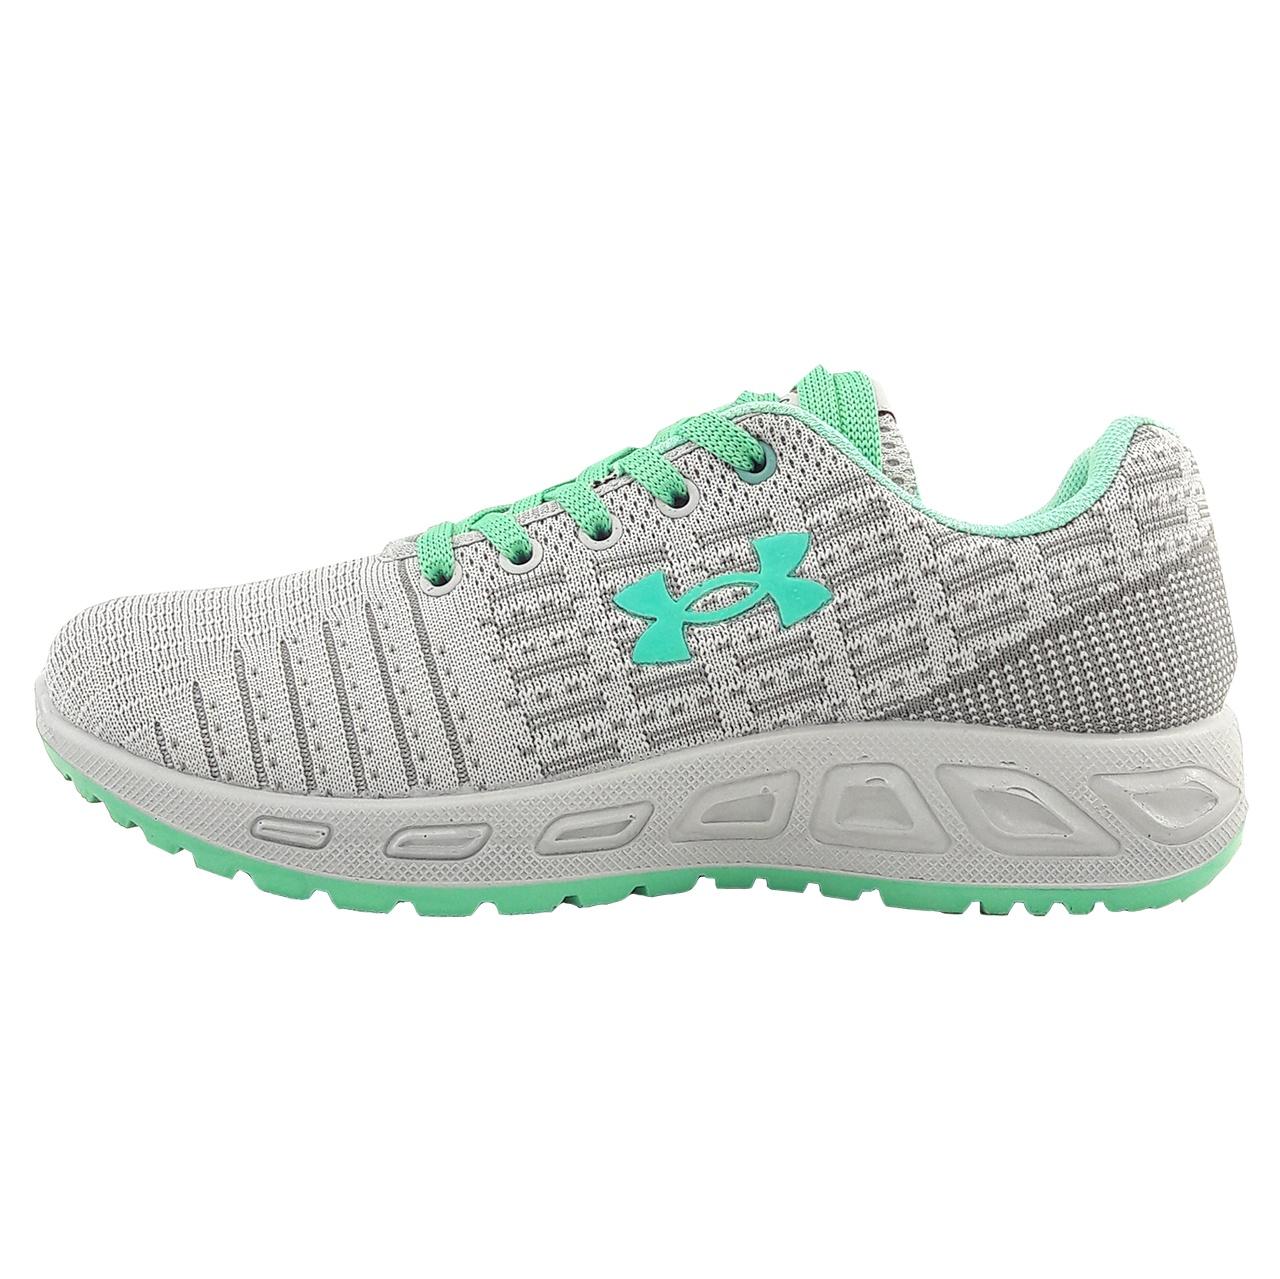 کفش مخصوص پیاده روی زنانه مدل Un srn-gr grn-bft01